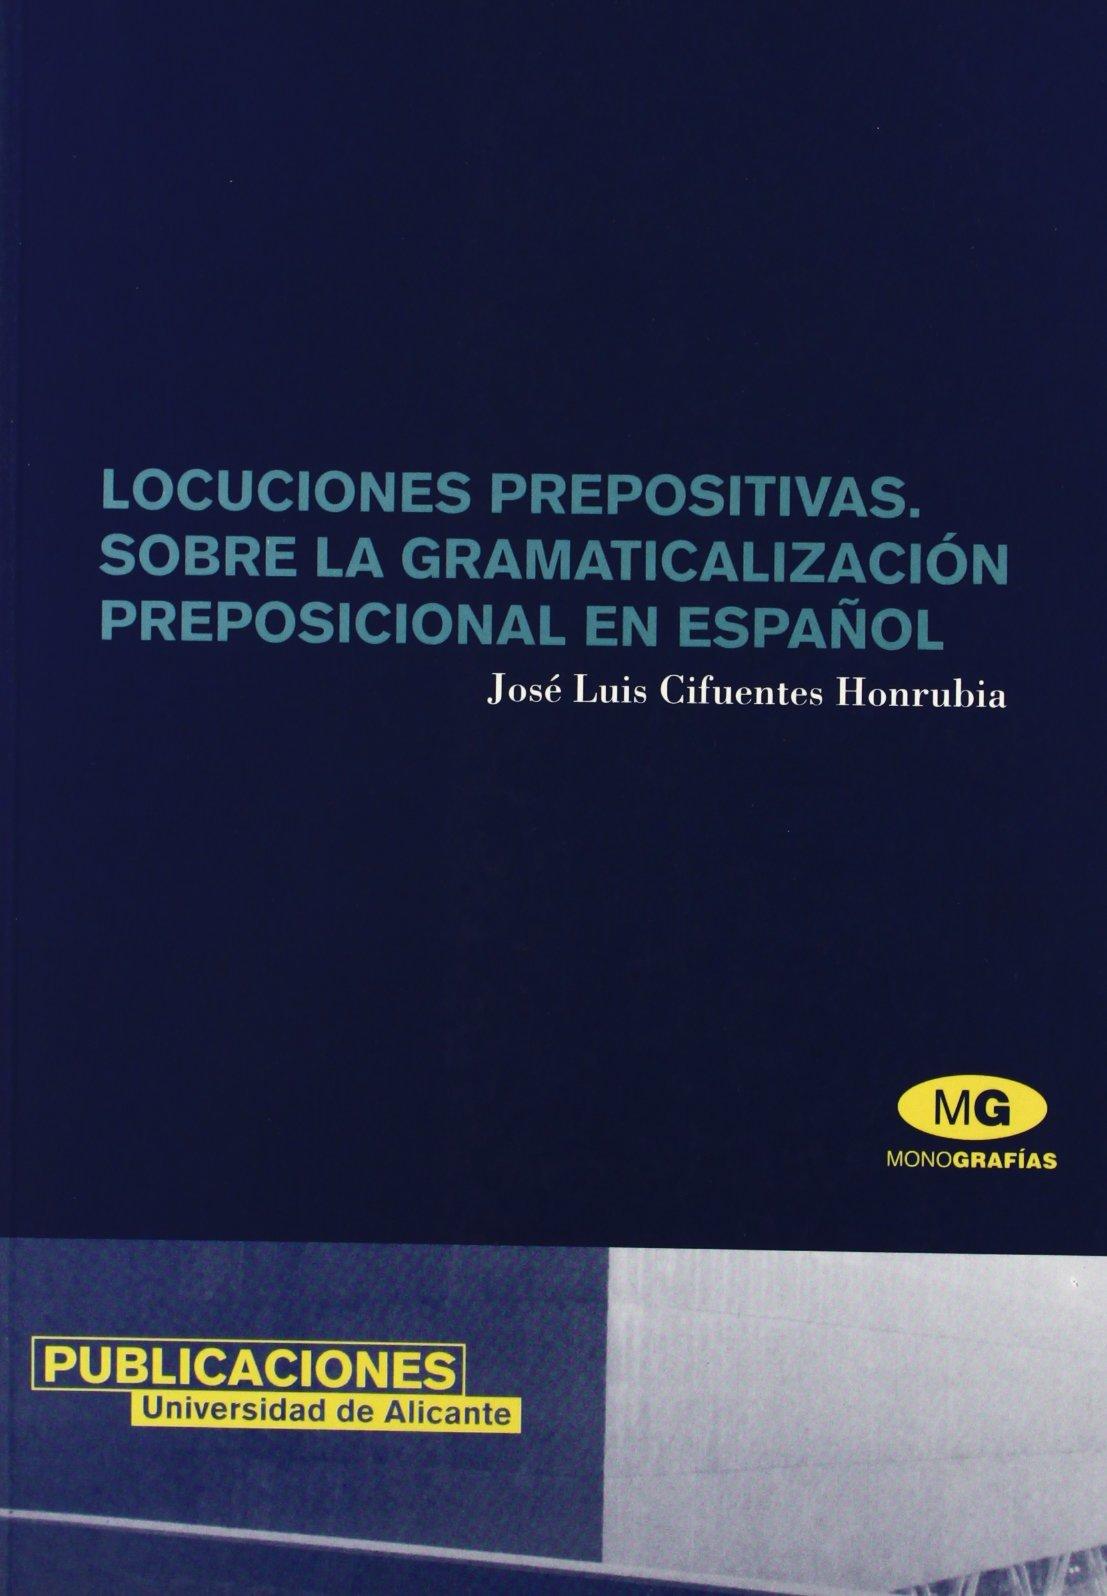 Locuciones prepositivas / Prepositional phrases: Sobre La Gramaticalizacion Preposicional En Espanol Paperback – July 4, 2003